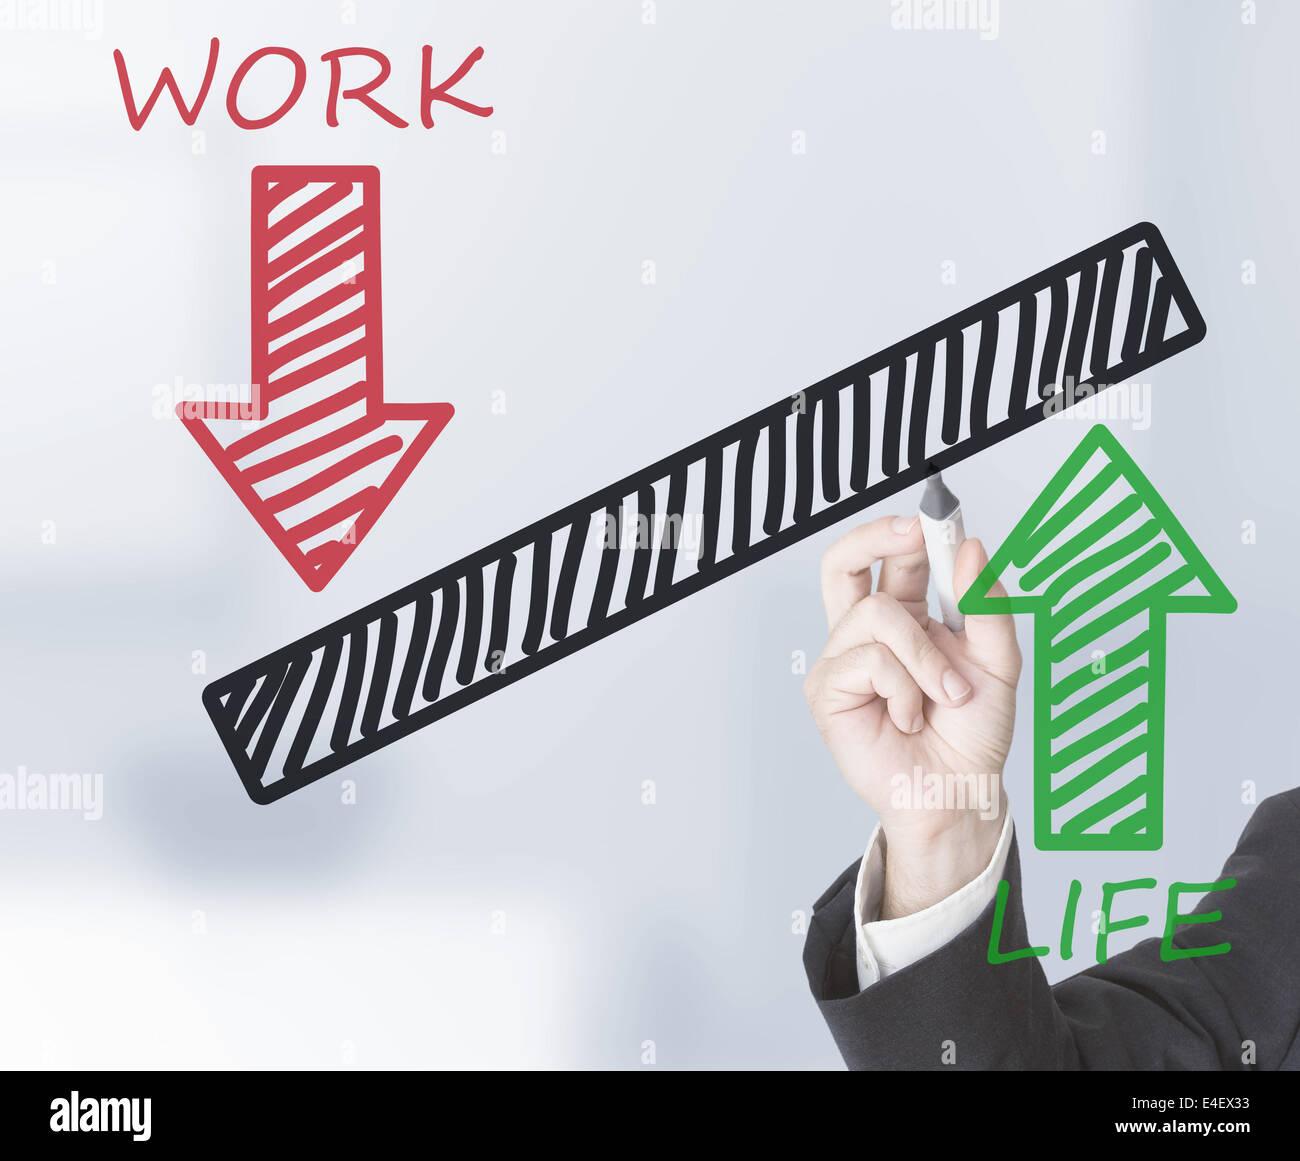 Dessin d'affaires de l'échelle d'équilibre travail/vie Photo Stock